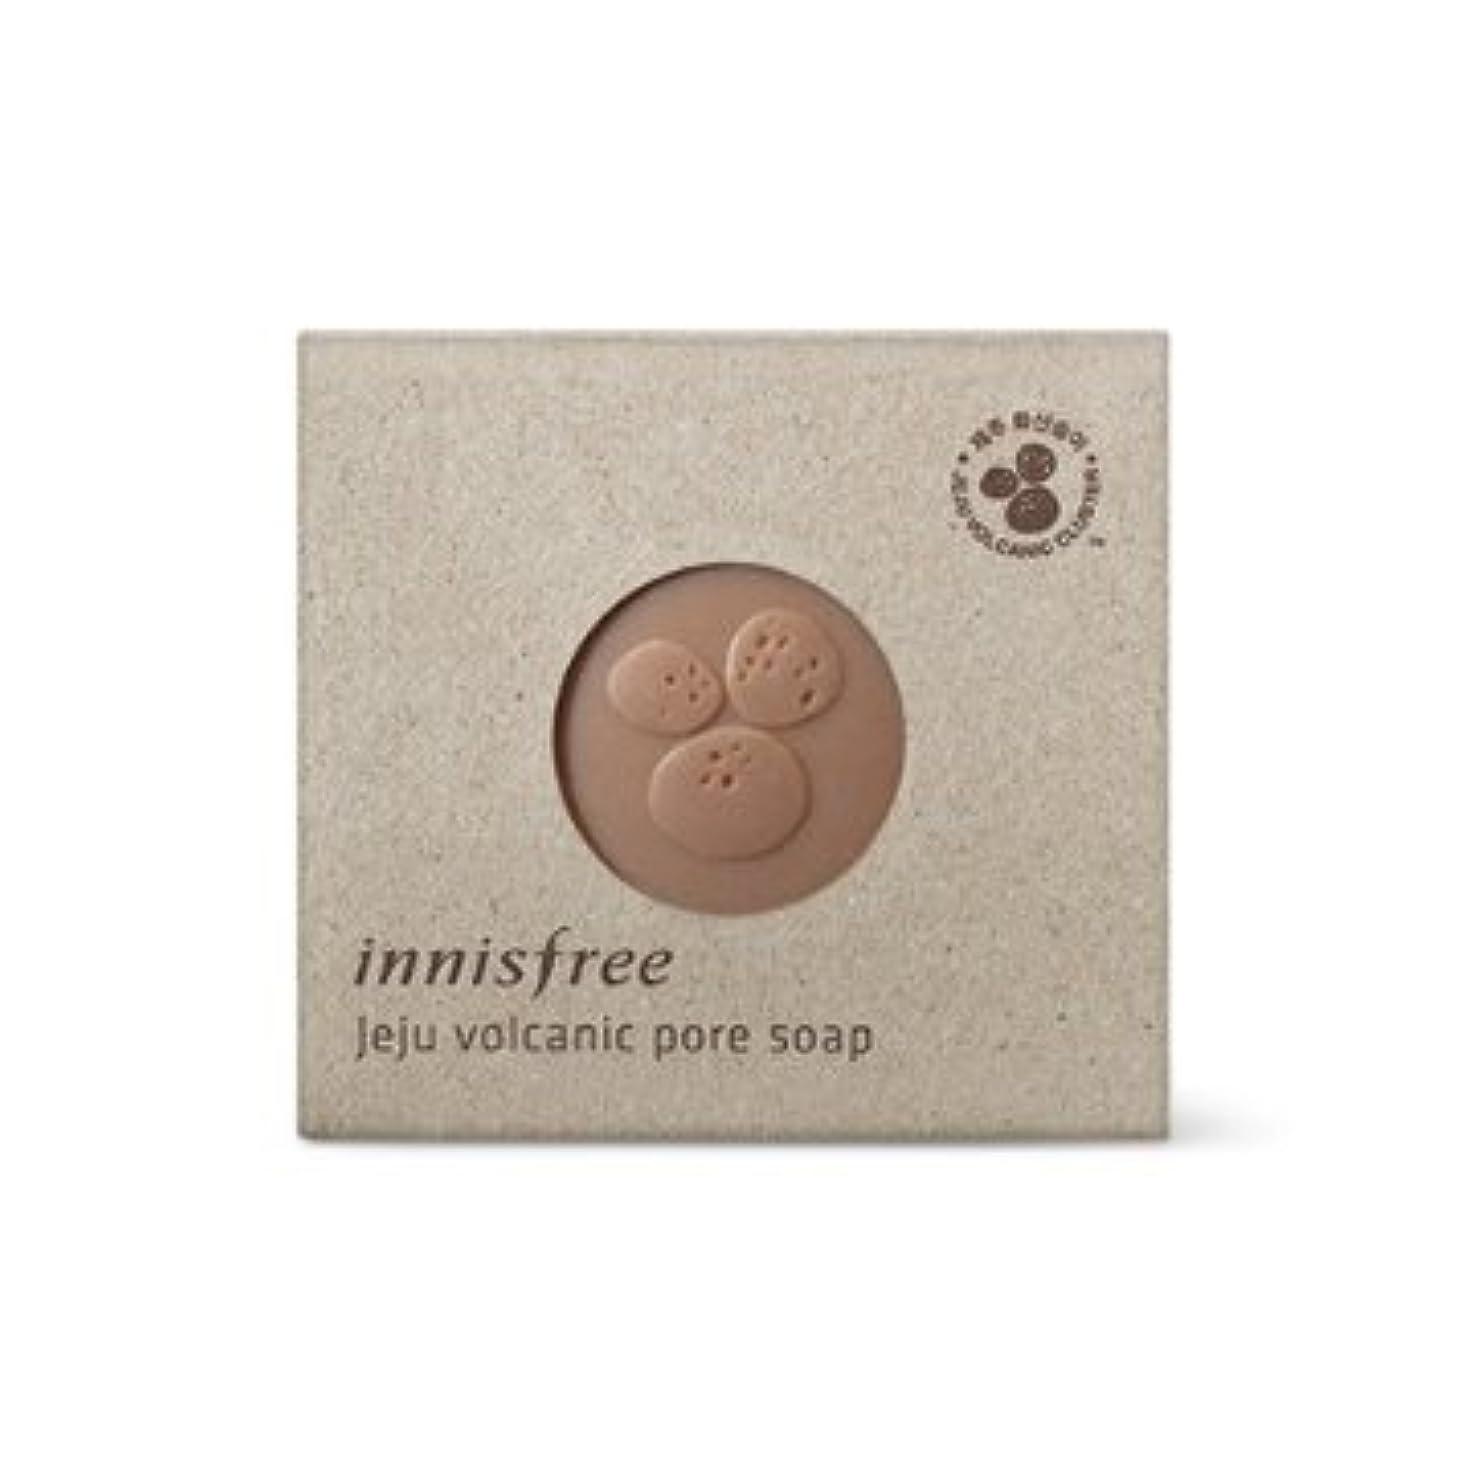 ドロップ動くキャメル【イニスフリー】Innisfree jeju volcanic pore soap - 100g (韓国直送品) (SHOPPINGINSTAGRAM)